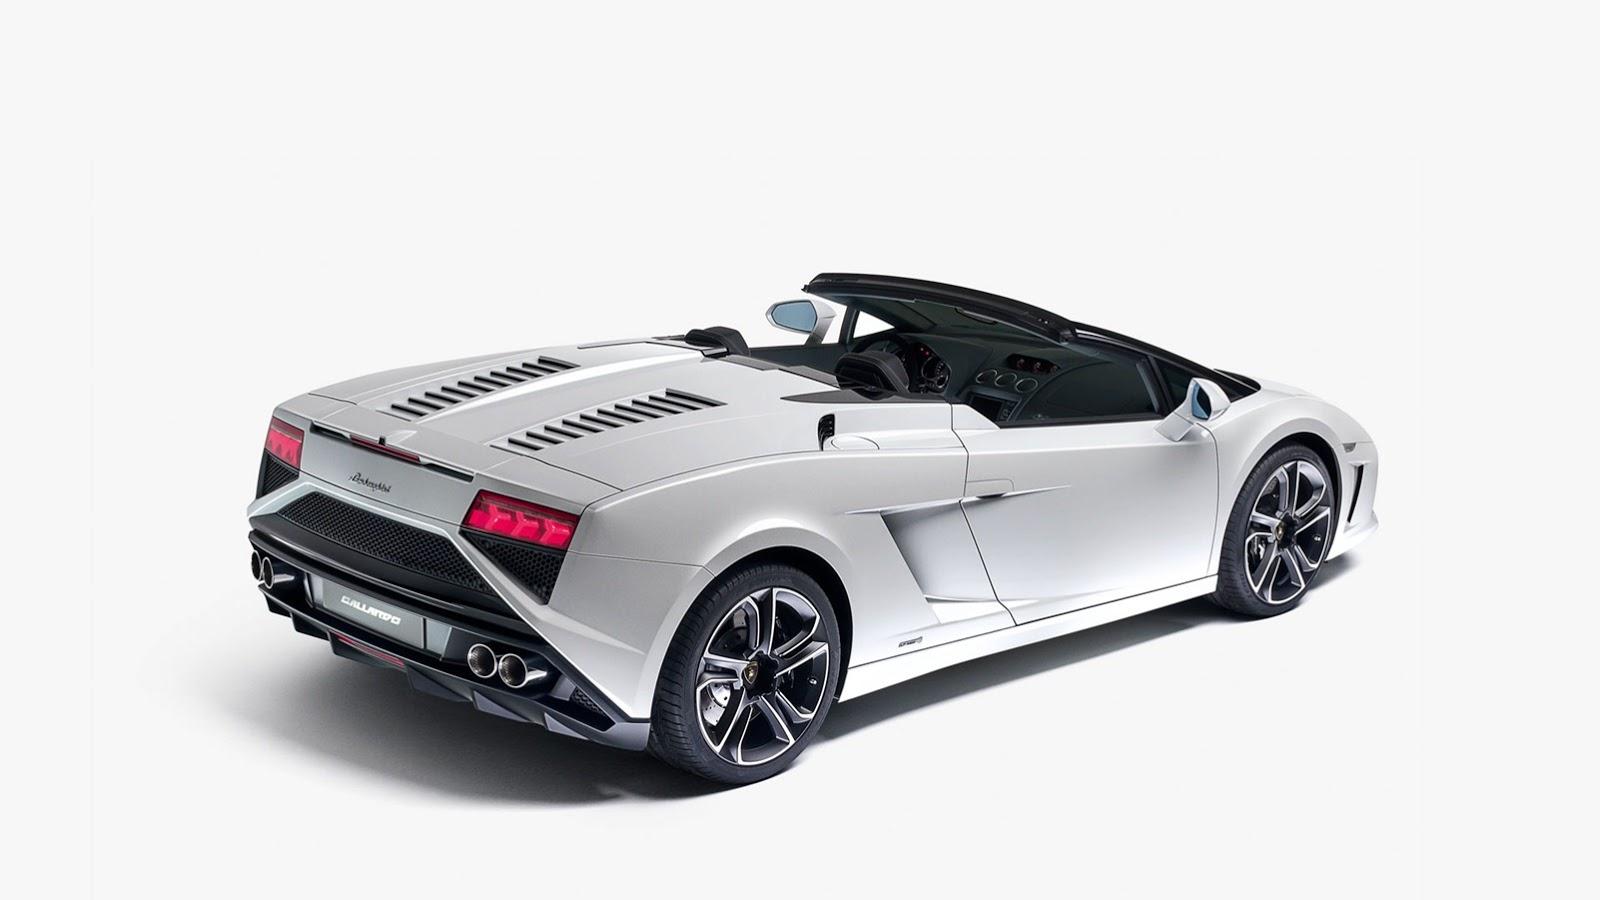 2013 Lamborghini Gallardo Spyder Preview